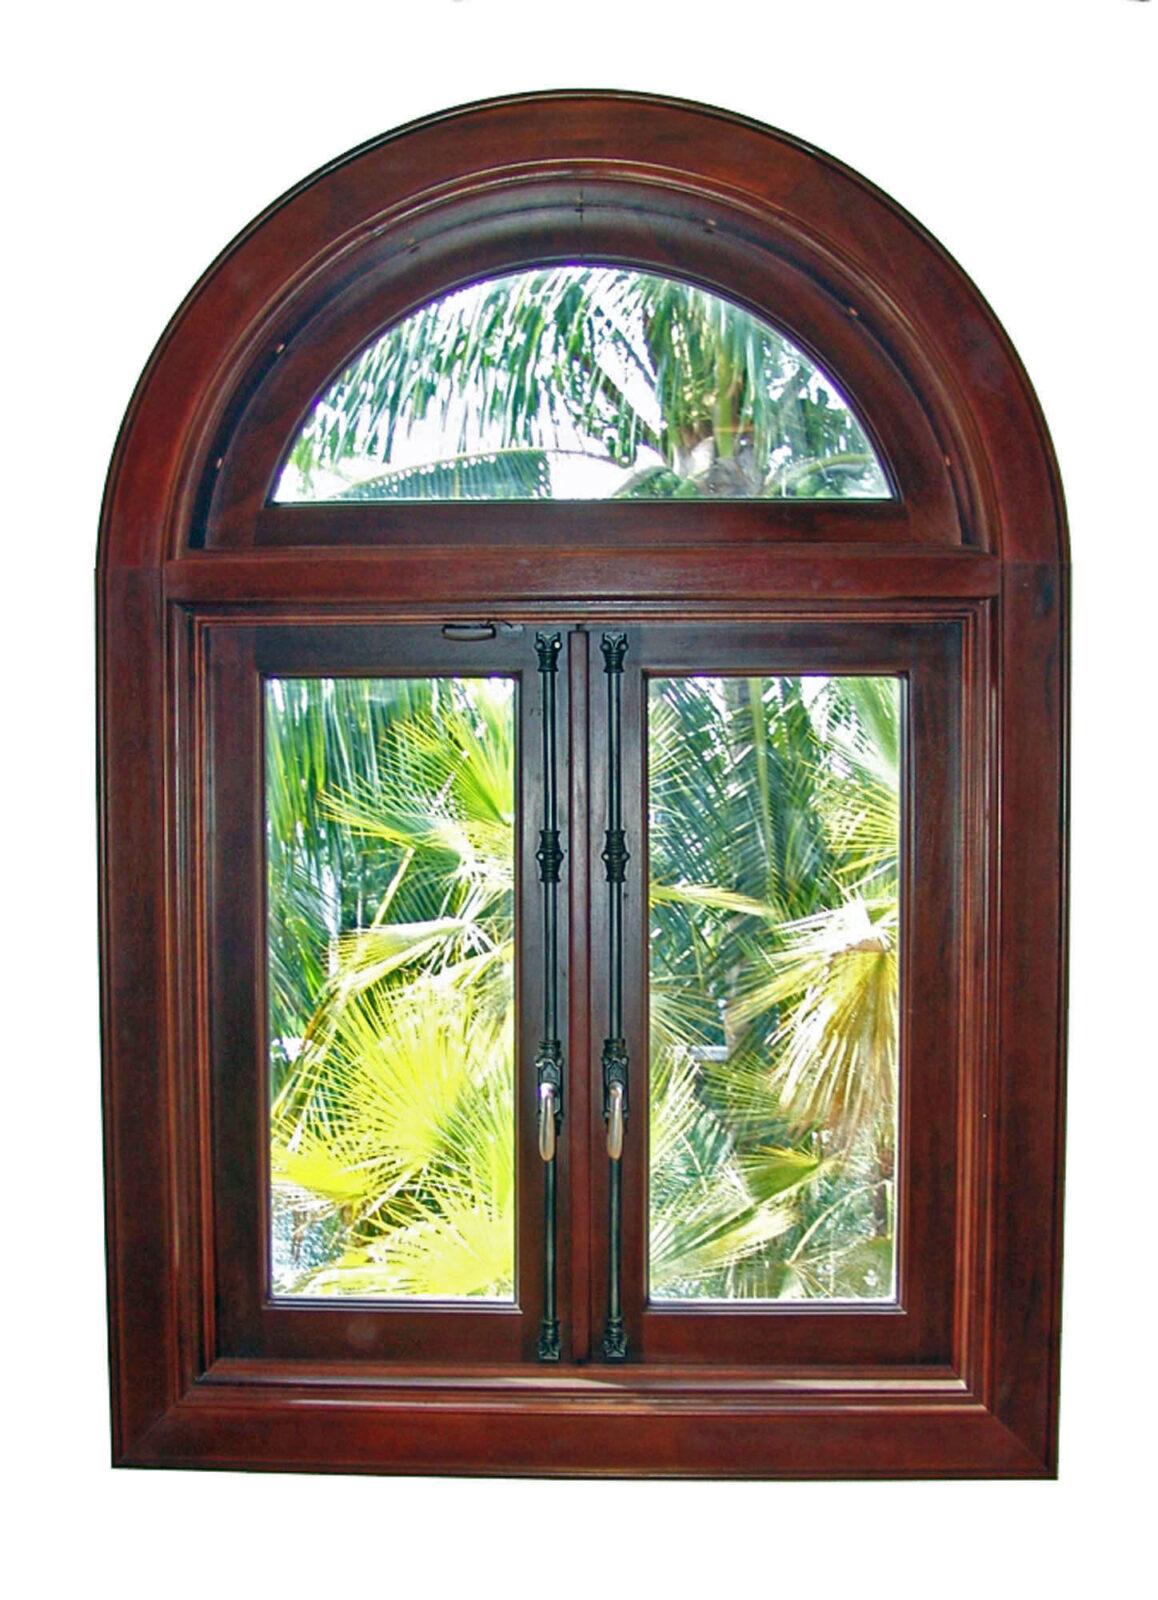 NURMI ISLAND ARCHED WINDOW